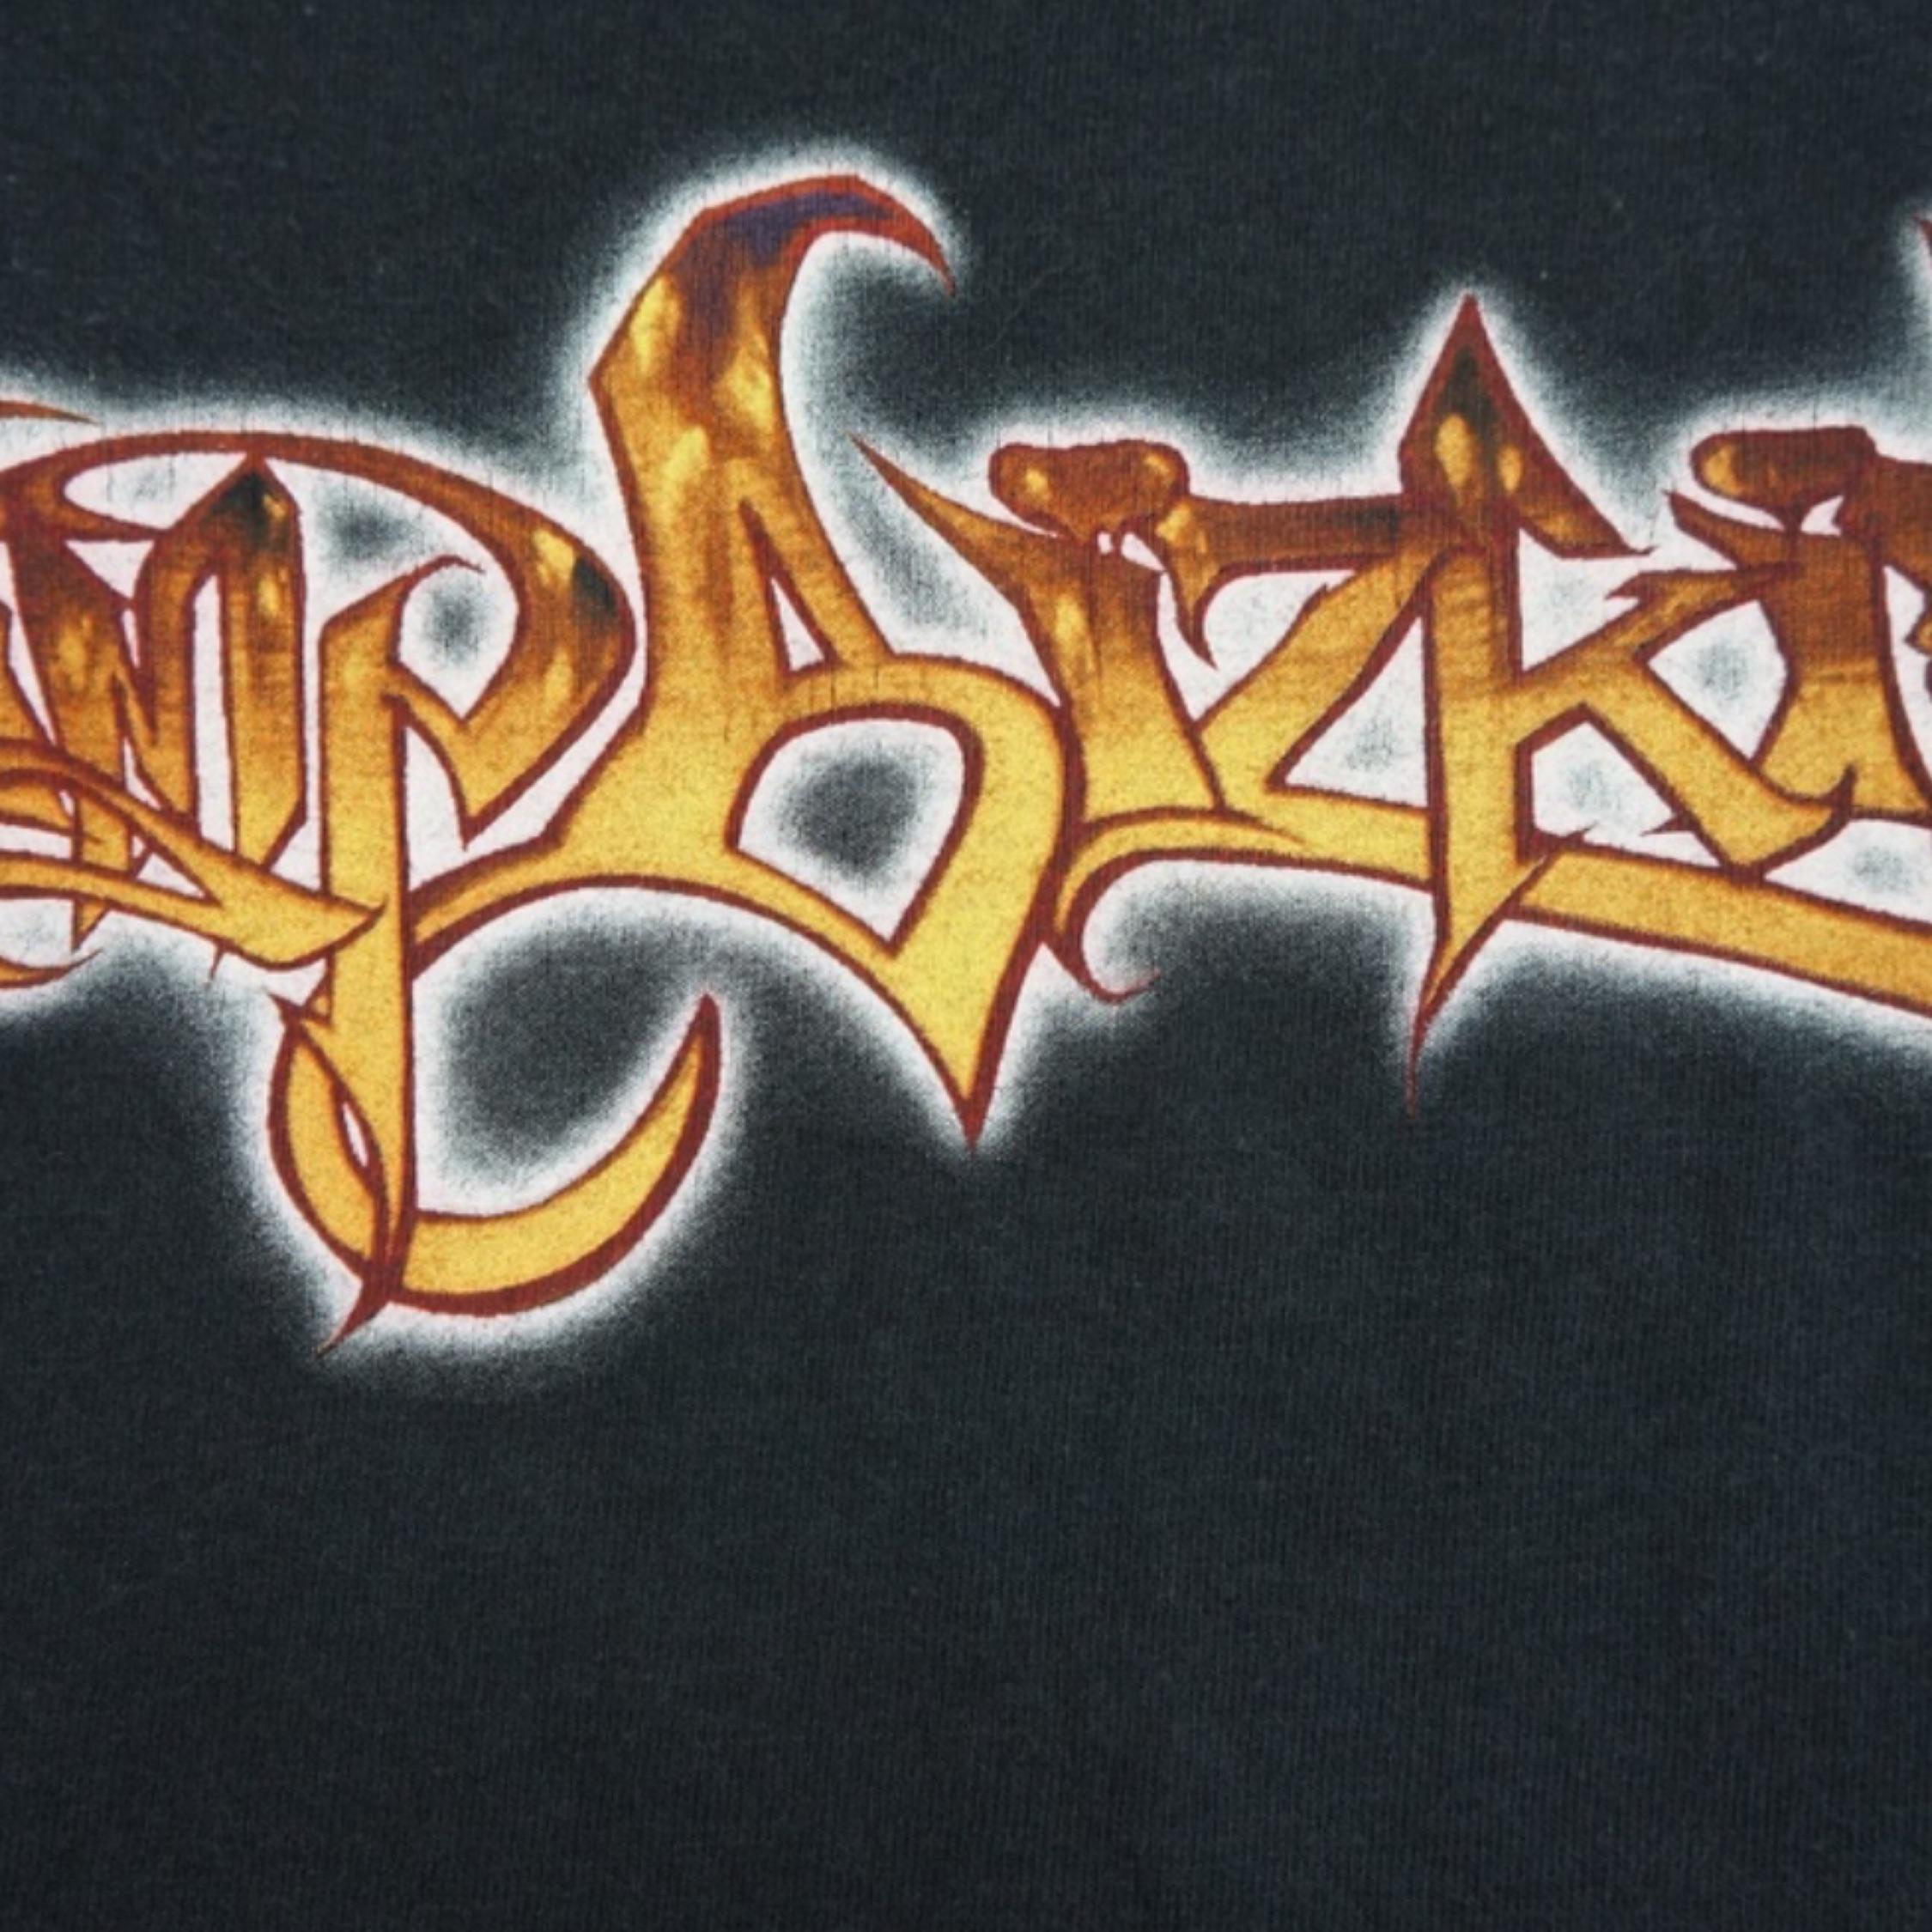 Limp Bizkit Vintage 1999 Tee.